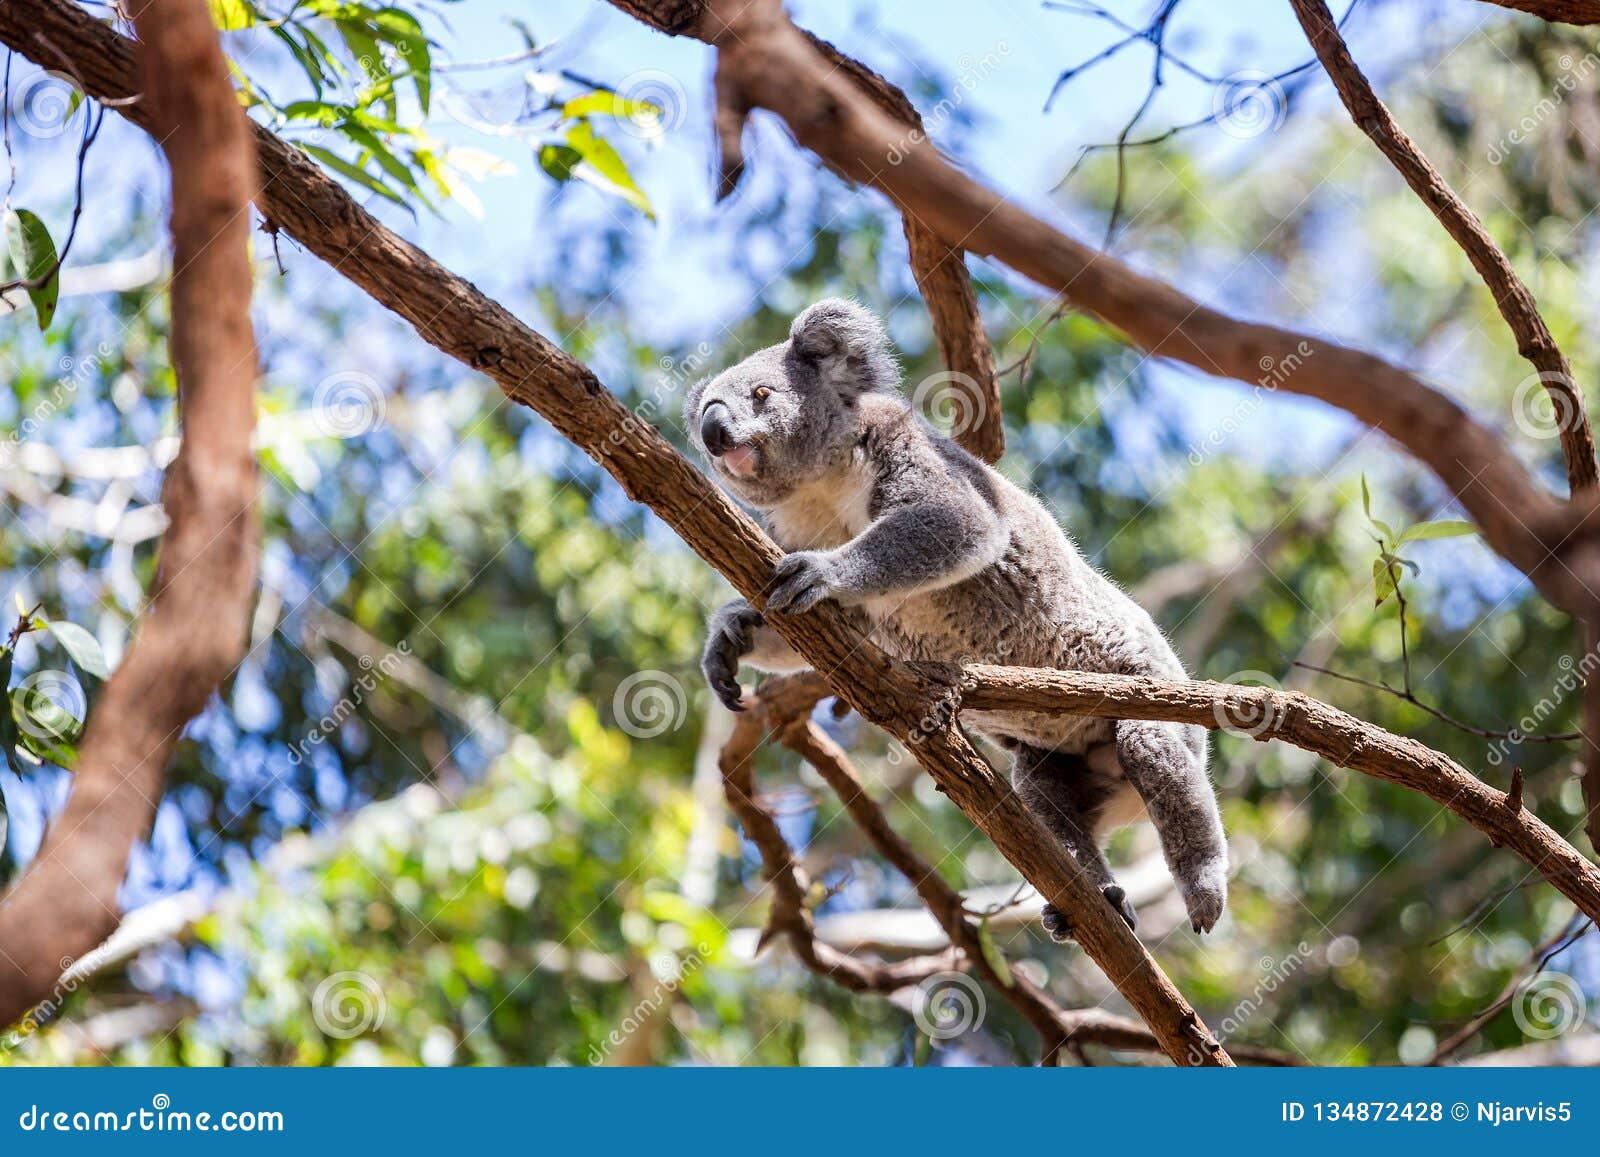 Close up of wild Koala Bear